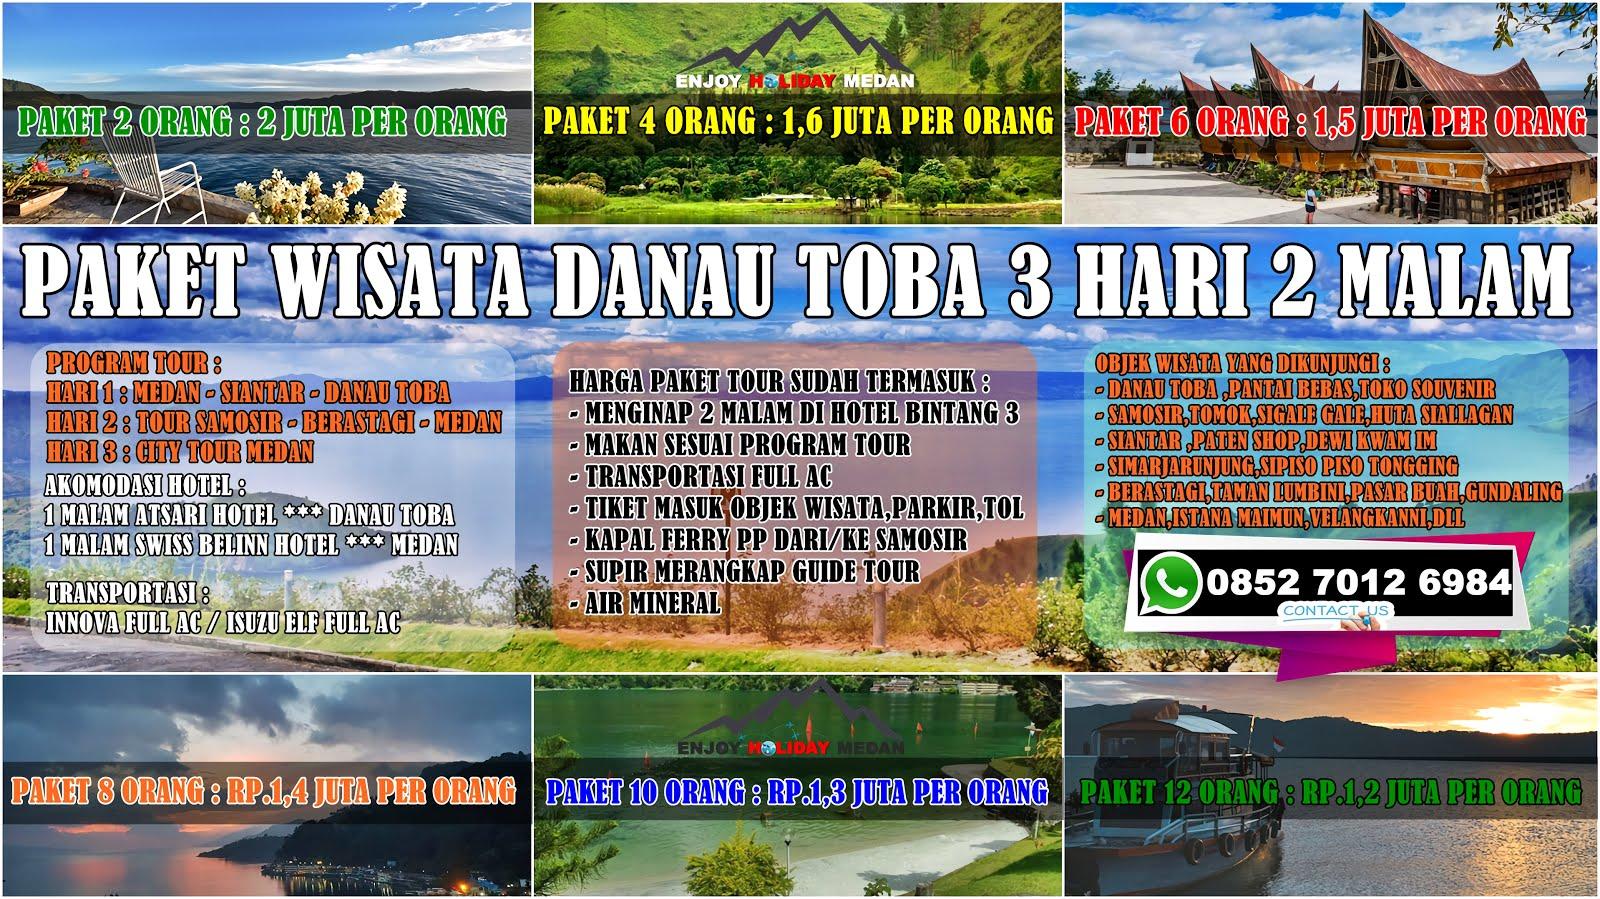 Paket Tour Medan Danau Toba 3 Hari 2 Malam